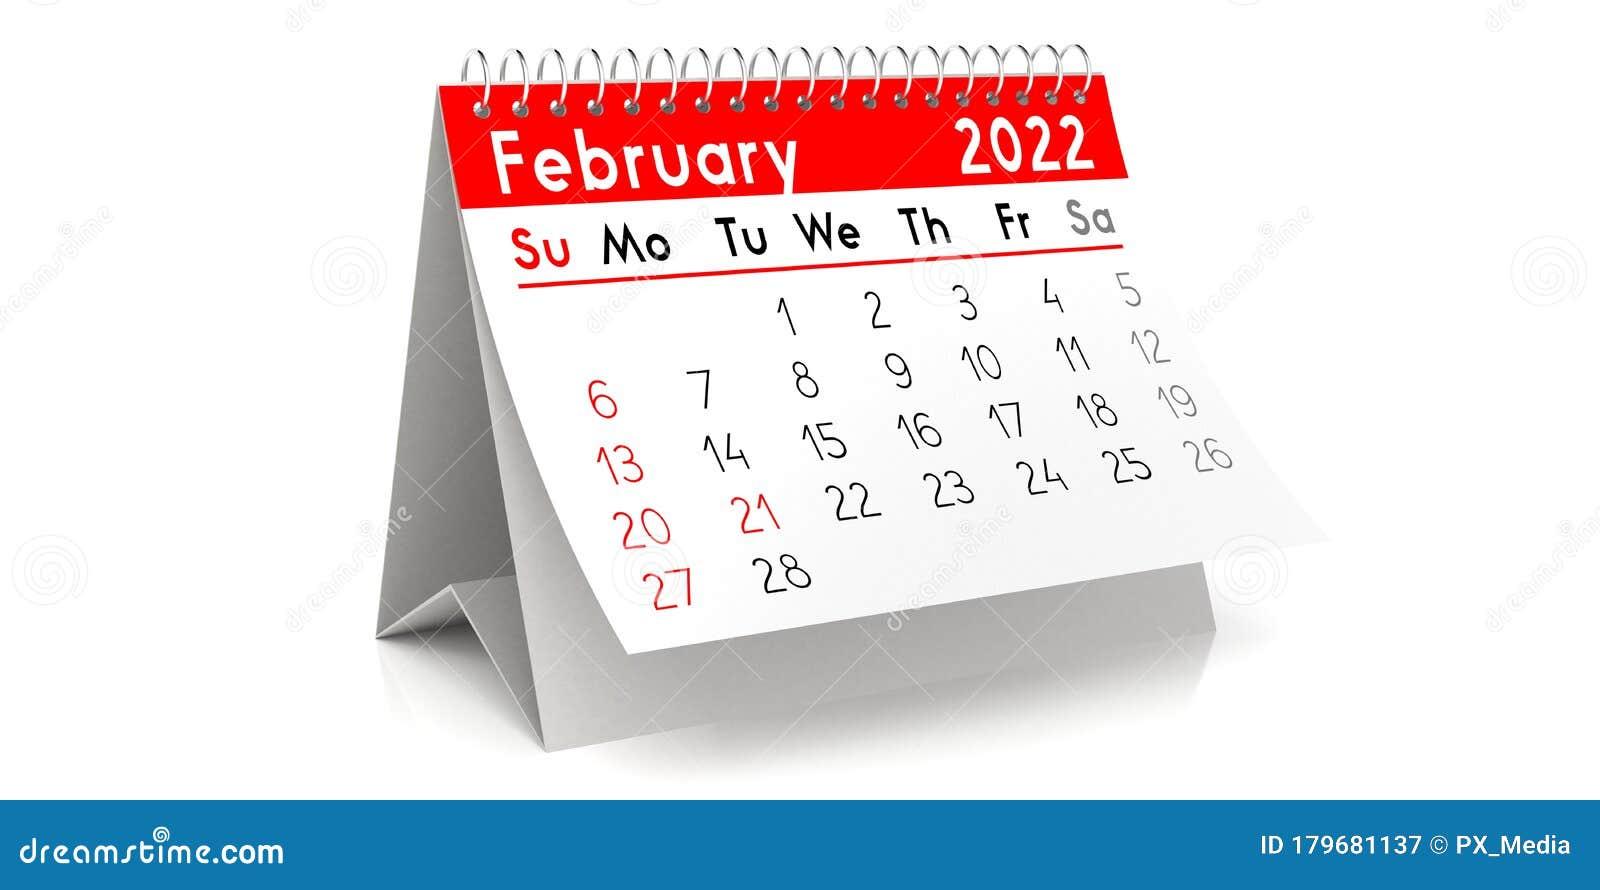 February 2022 Table Calendar 3d Illustration Stock Illustration Illustration Of Agenda Table 179681137